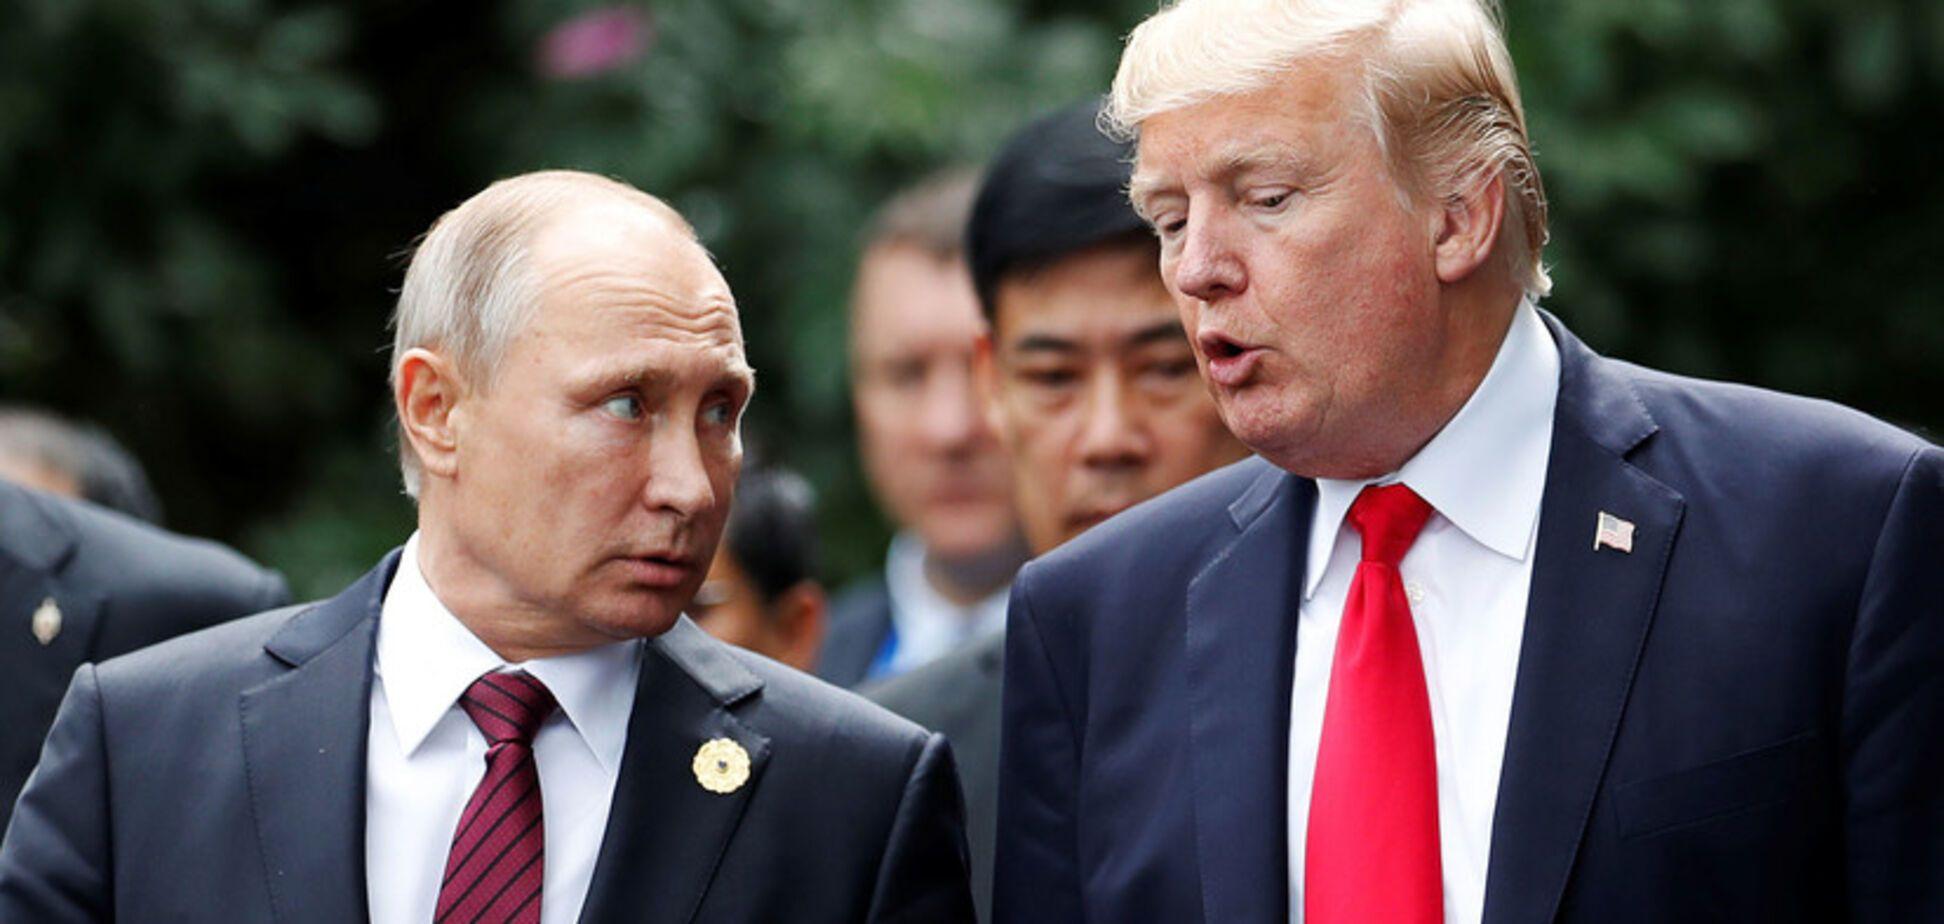 'Решится судьба Украины': дан угрожающий прогноз по встрече Путина с Трампом